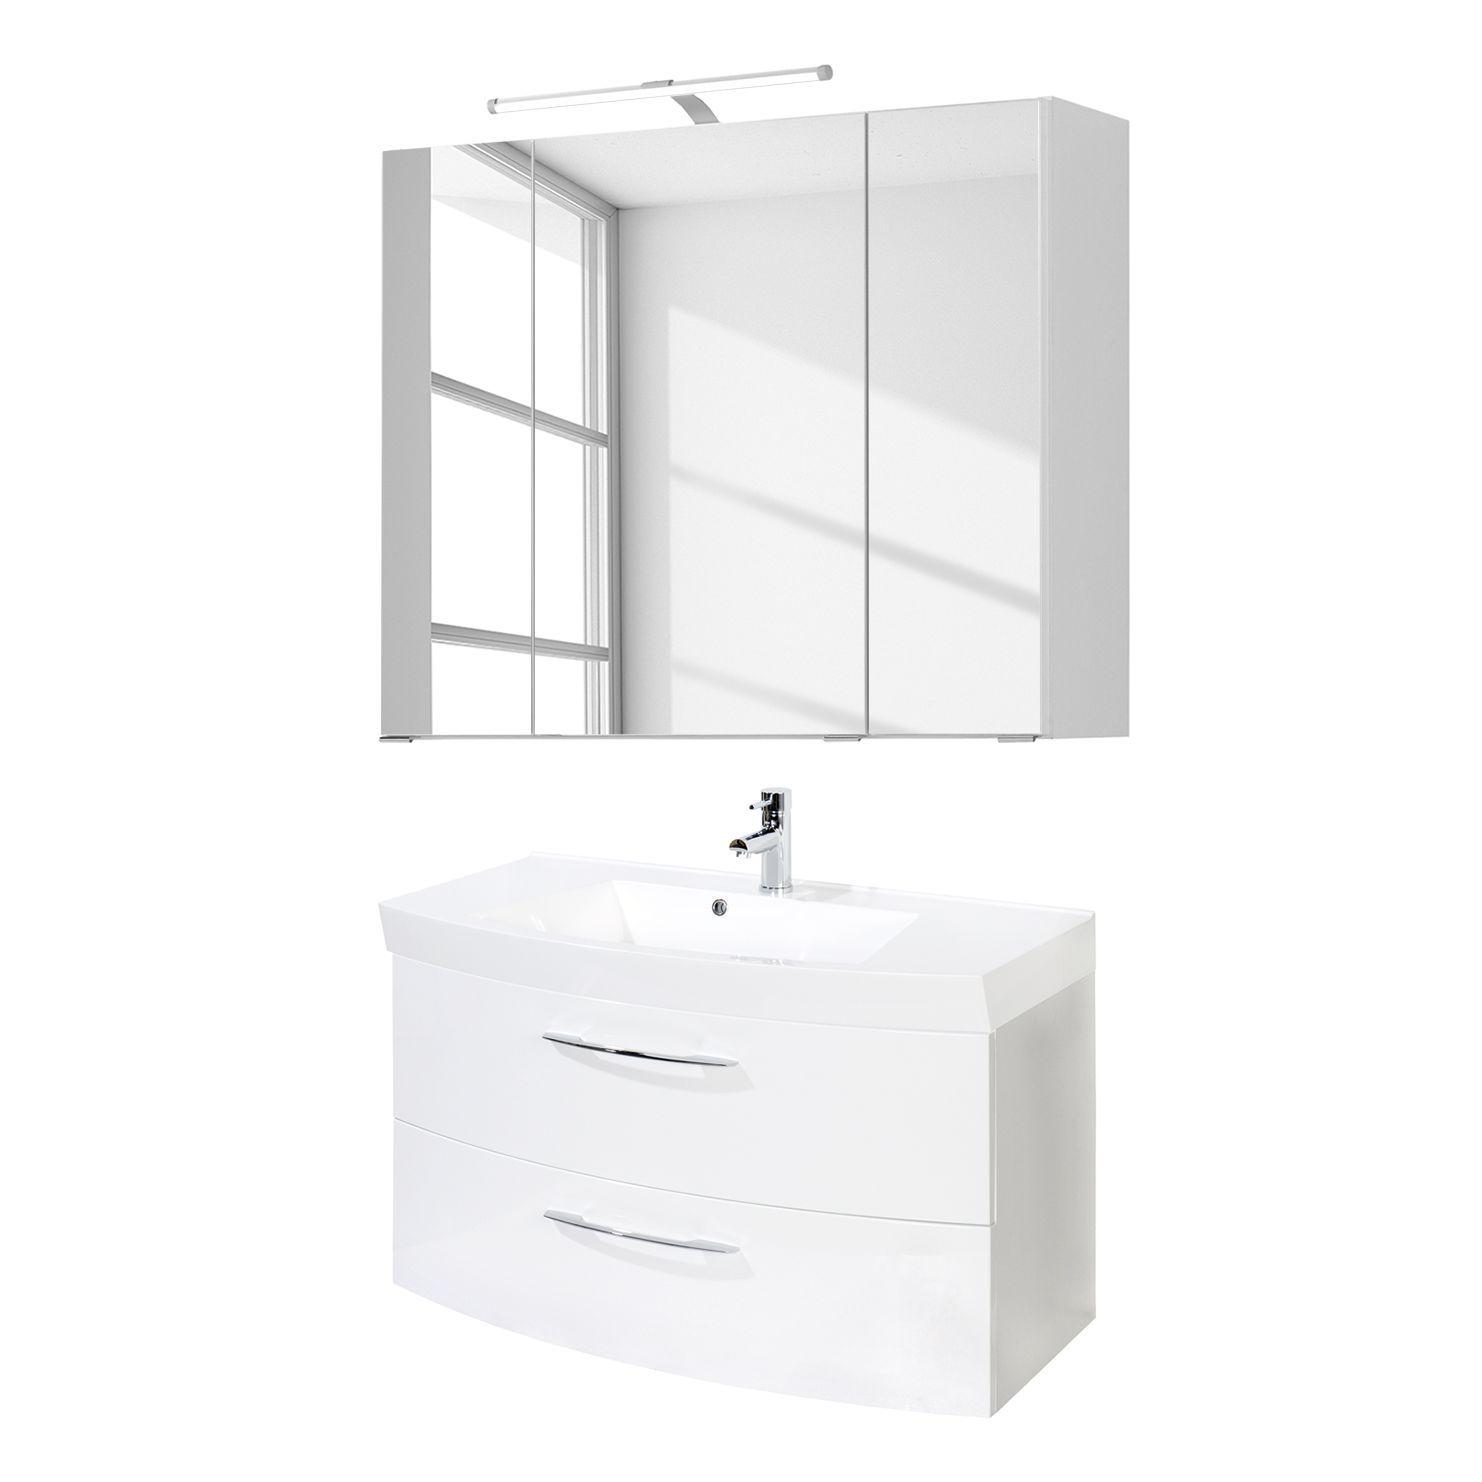 Waschtisch-Set (4-teilig) Strahan - Weiß, Giessbach Jetzt bestellen ...